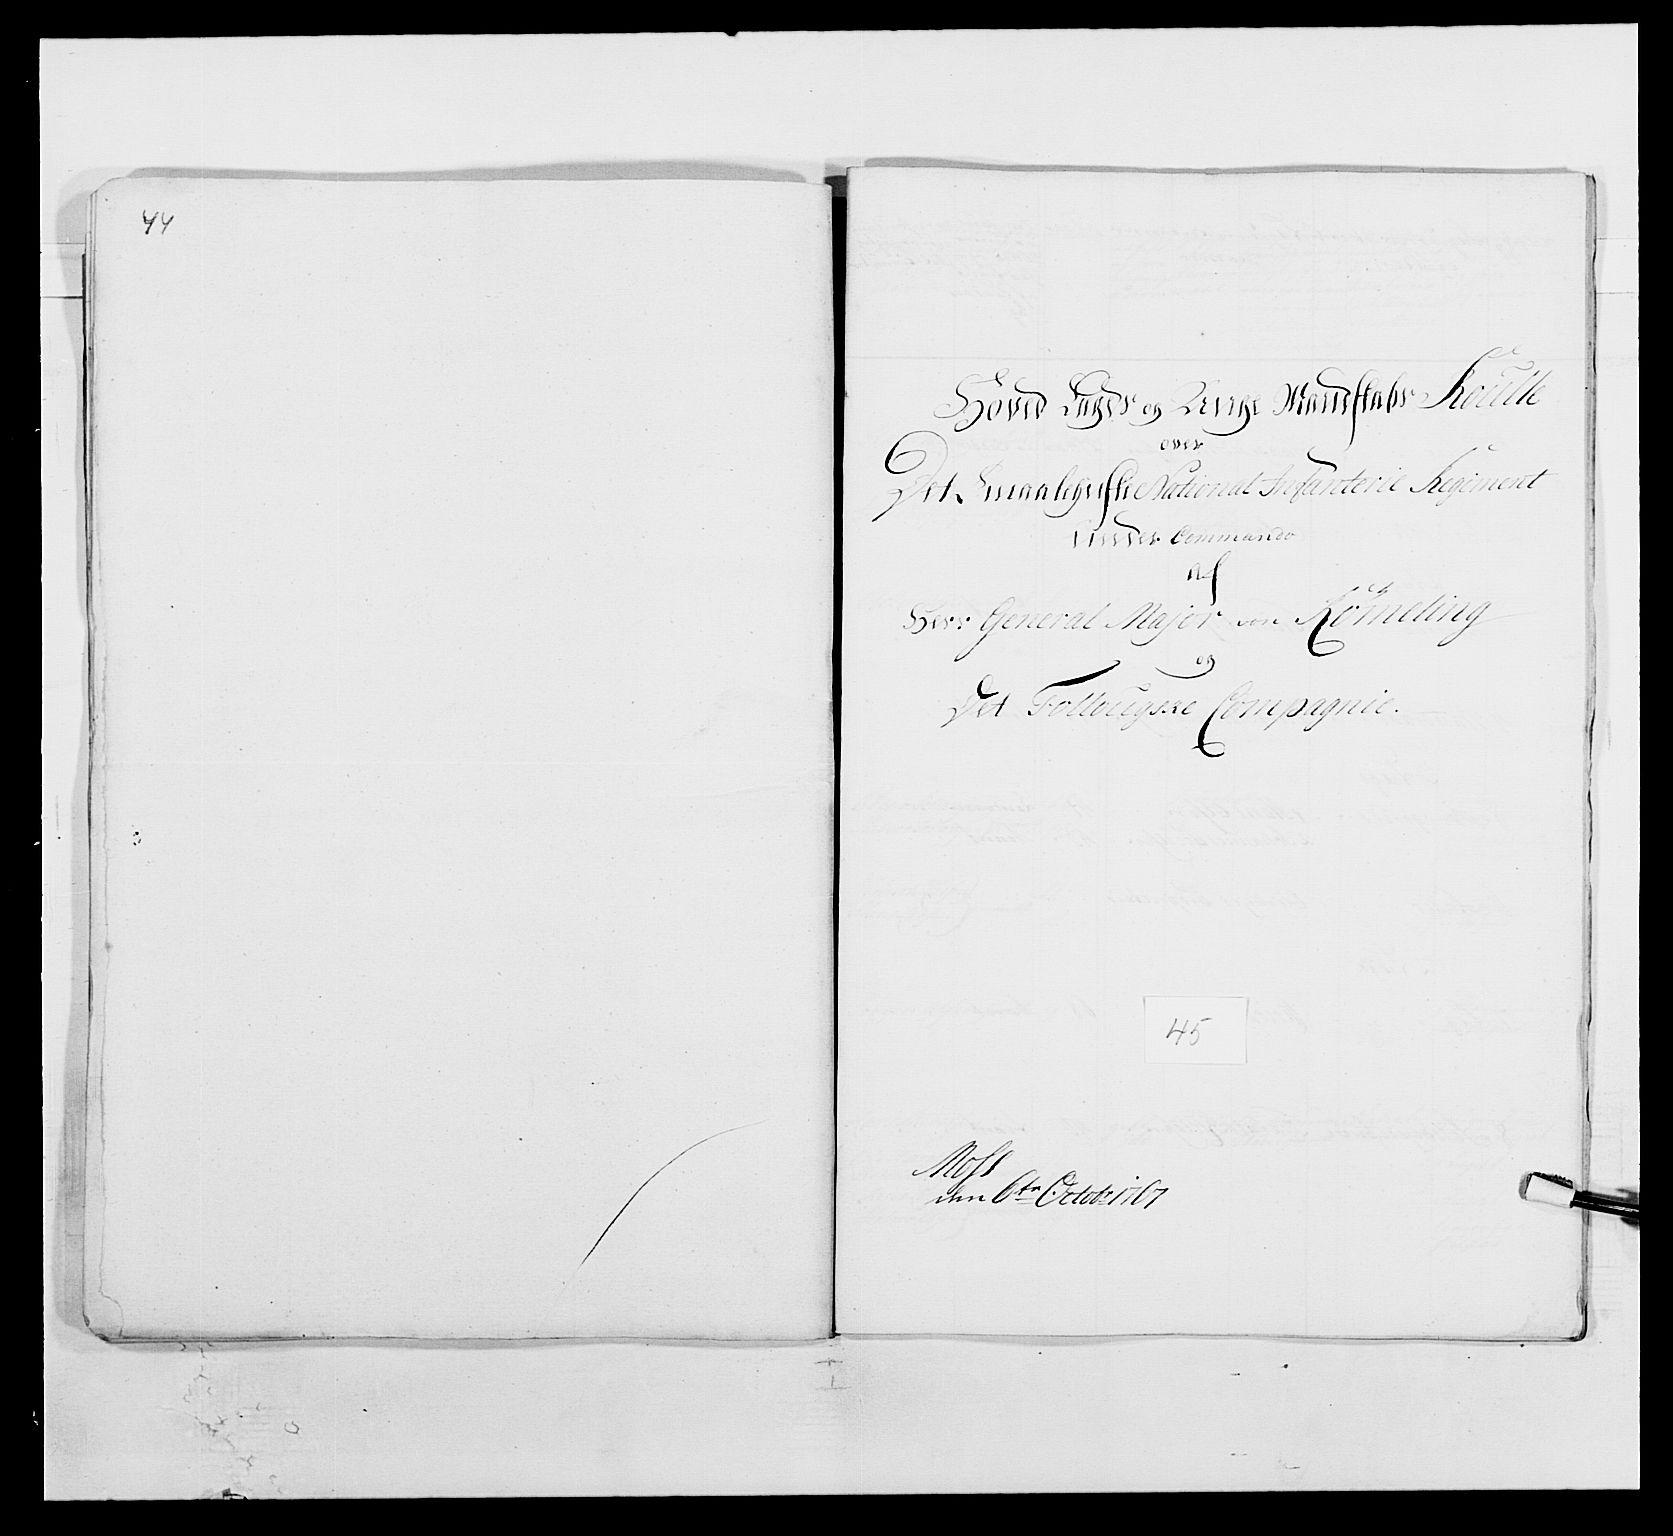 RA, Kommanderende general (KG I) med Det norske krigsdirektorium, E/Ea/L0496: 1. Smålenske regiment, 1765-1767, s. 878